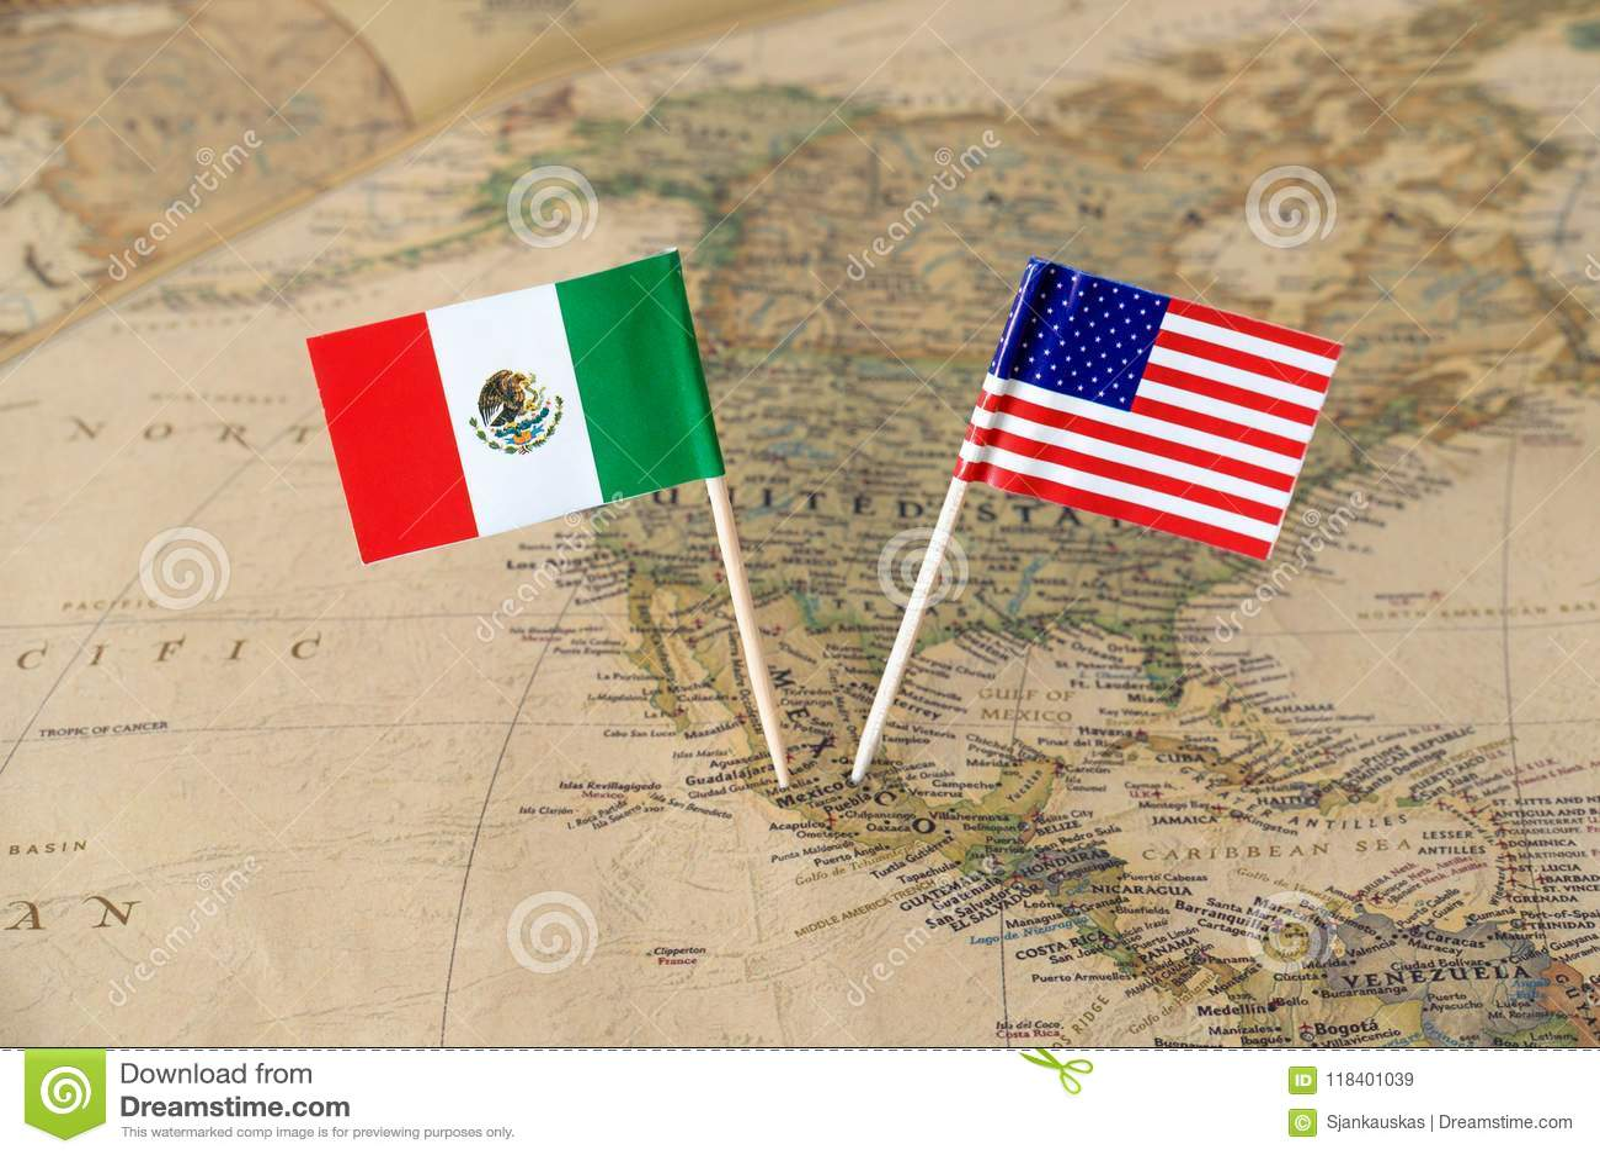 Stany Zjednoczone Ameryka i Meksyk flaga szpilki na światowej mapie, stosunek polityczny pojęcie